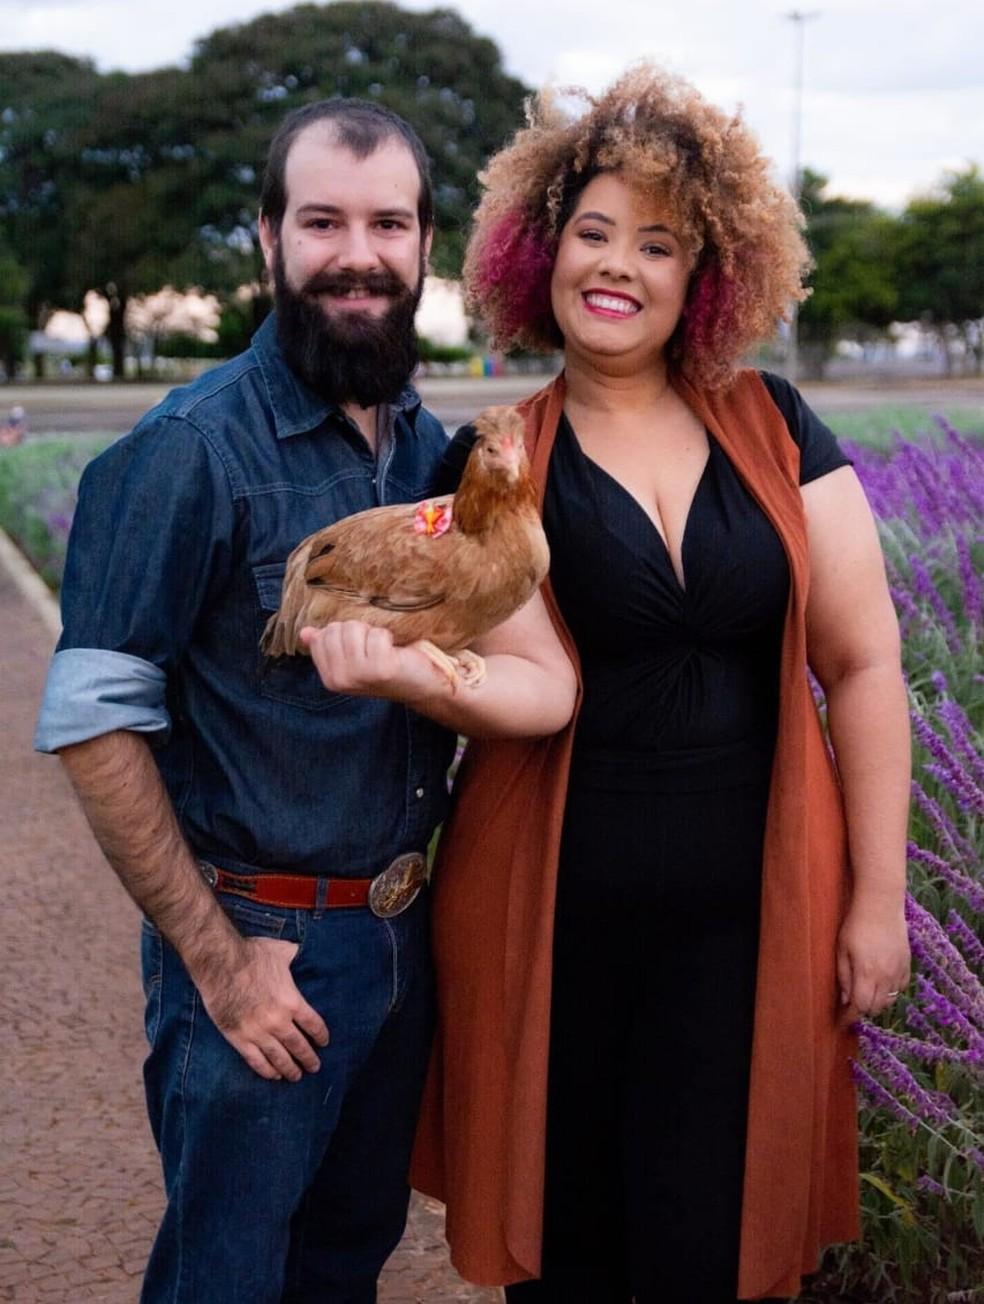 Paulo Leite e Raquel Angel, com Nugget no colo — Foto: Pet Book Brasília/Arquivo pessoal